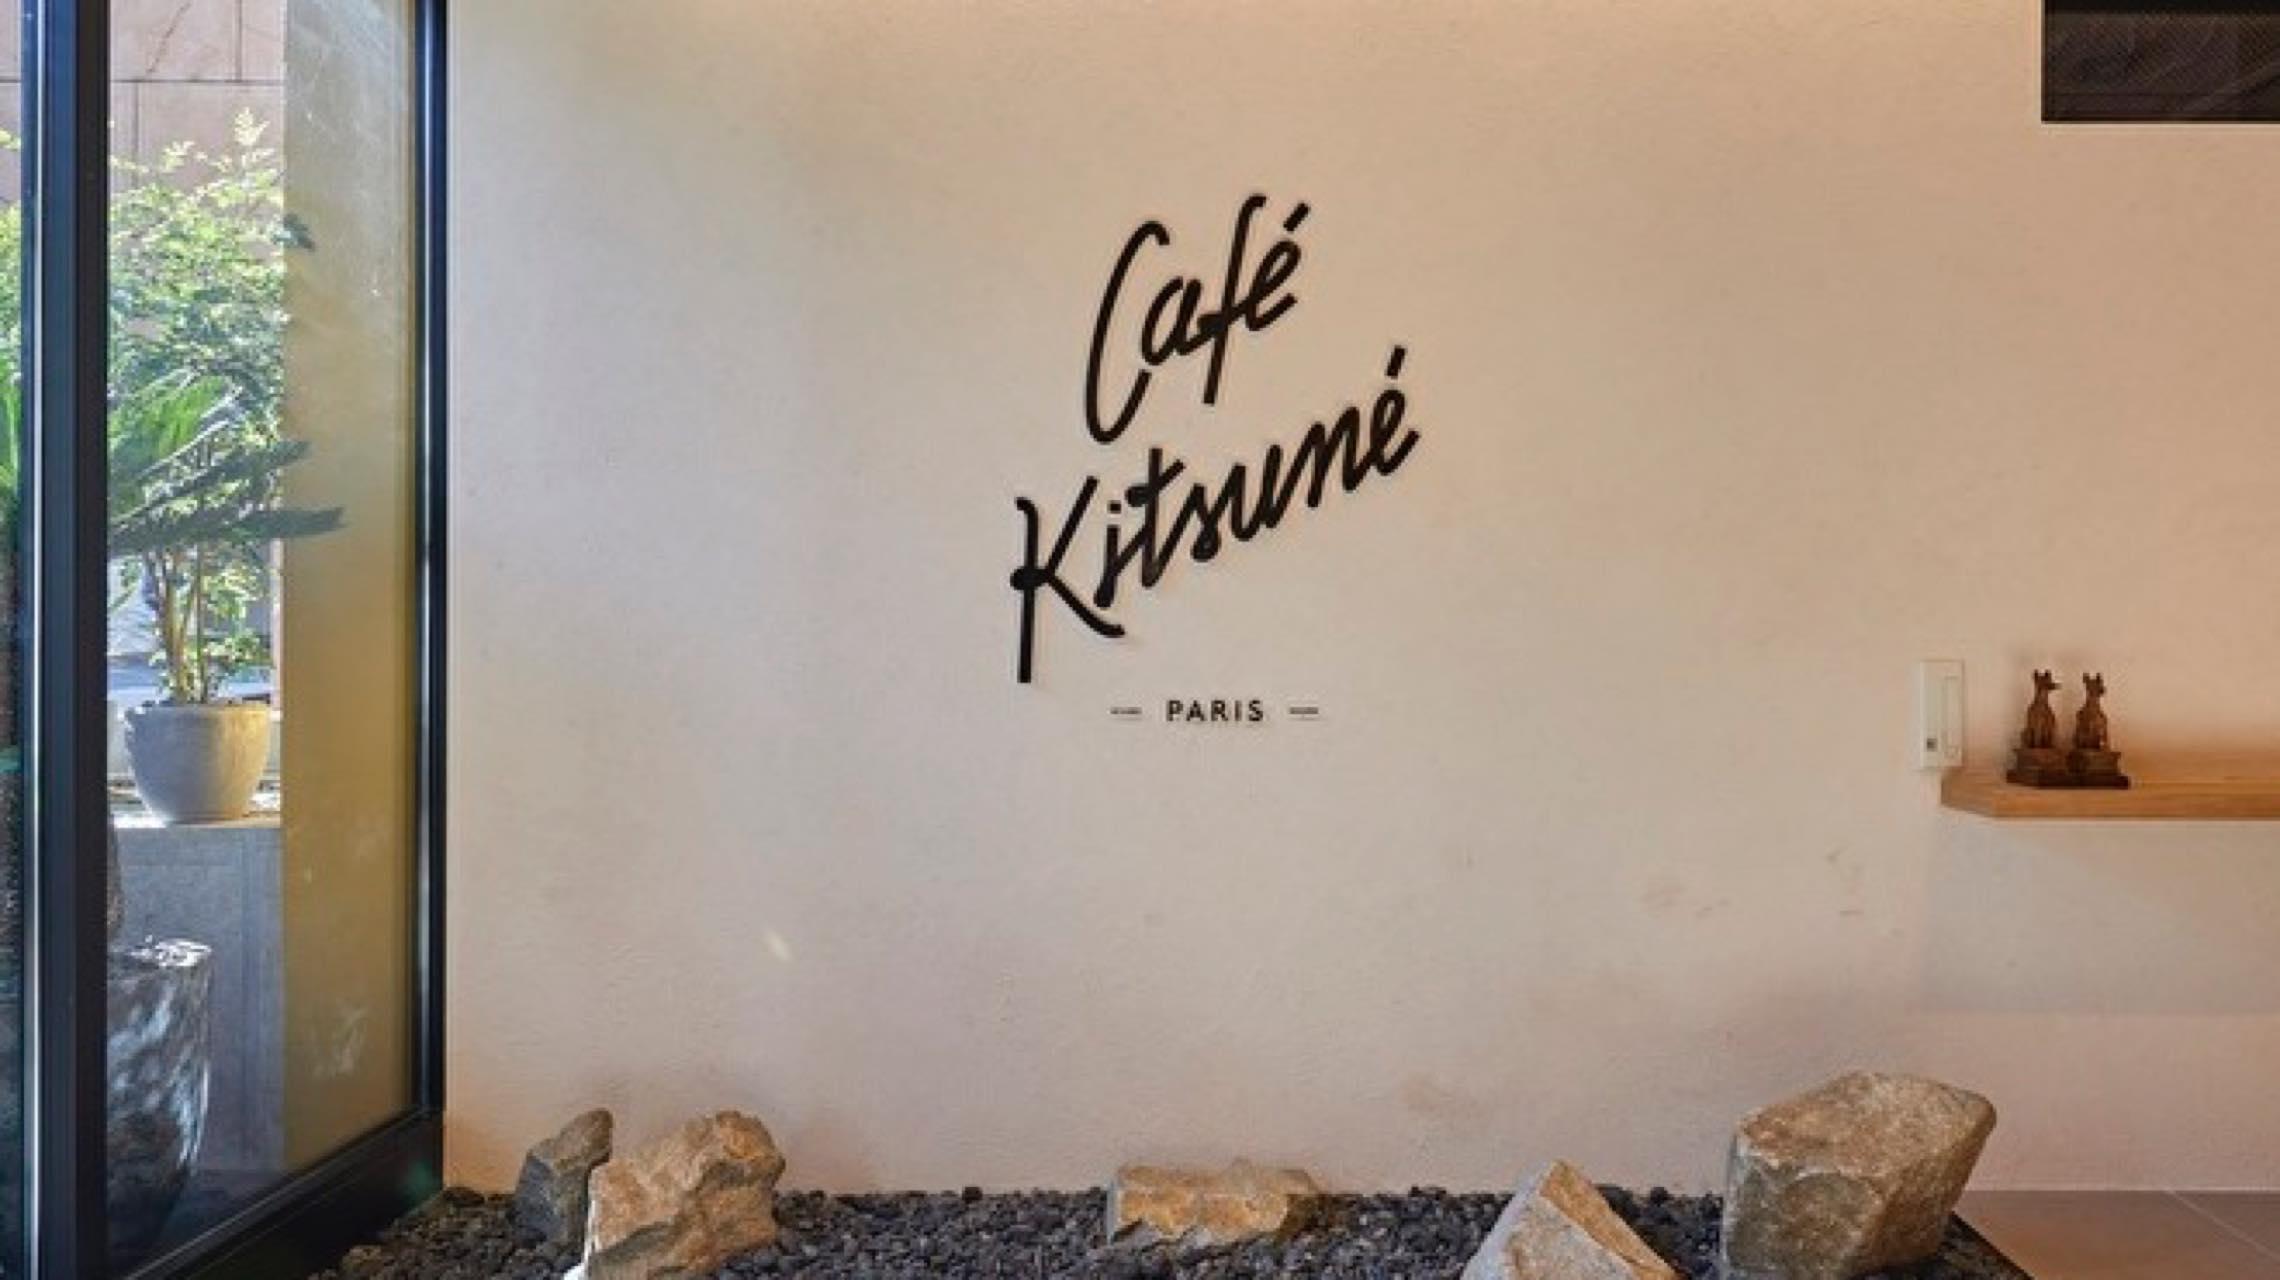 世界中のカフェ好きが集う「カフェキツネ」が移転アップデート。進化し続ける青山の注目アドレス